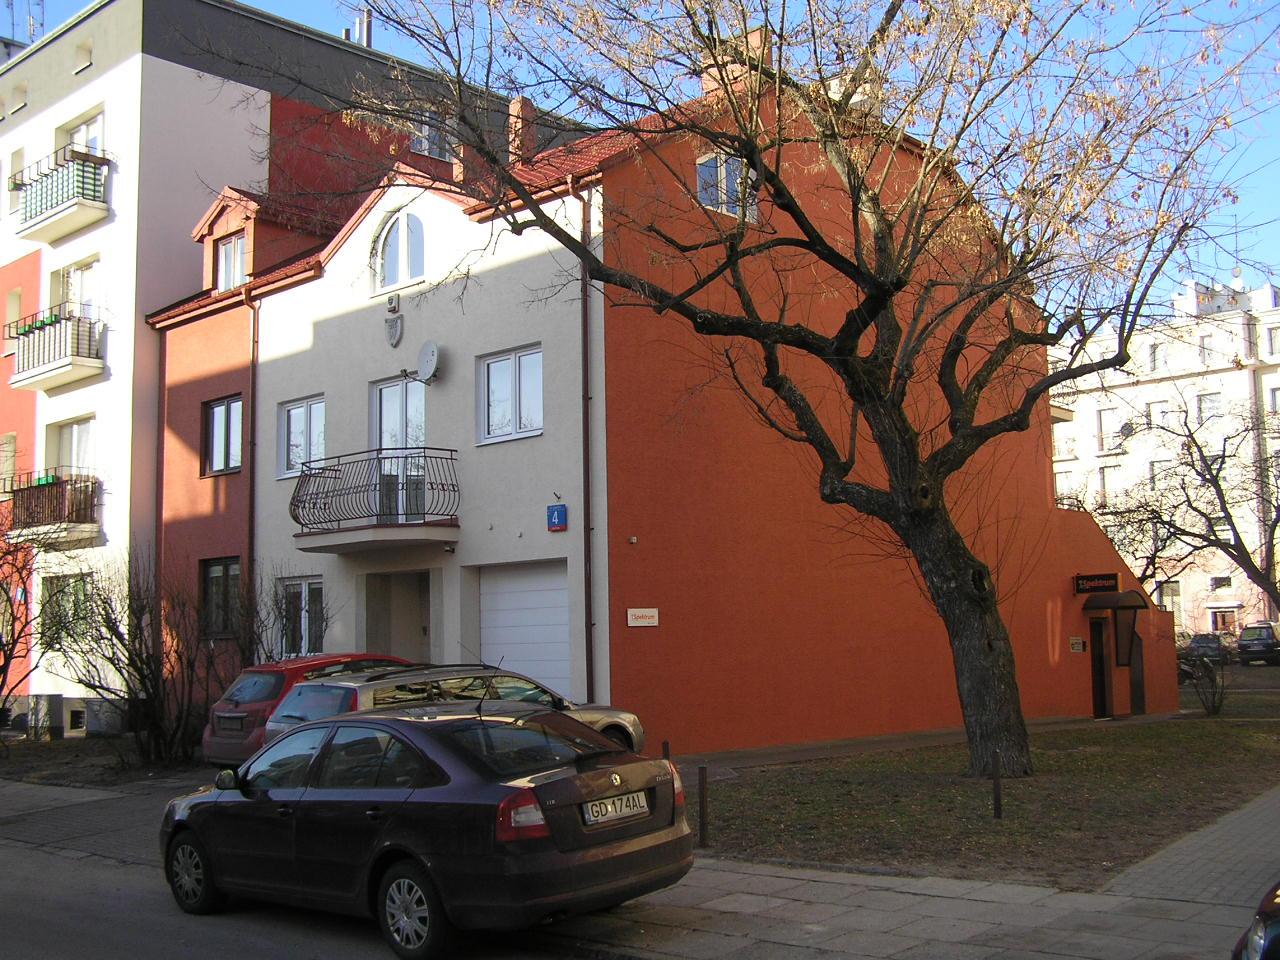 Budynek przy ulicy Lubomira 4 na Grochowie